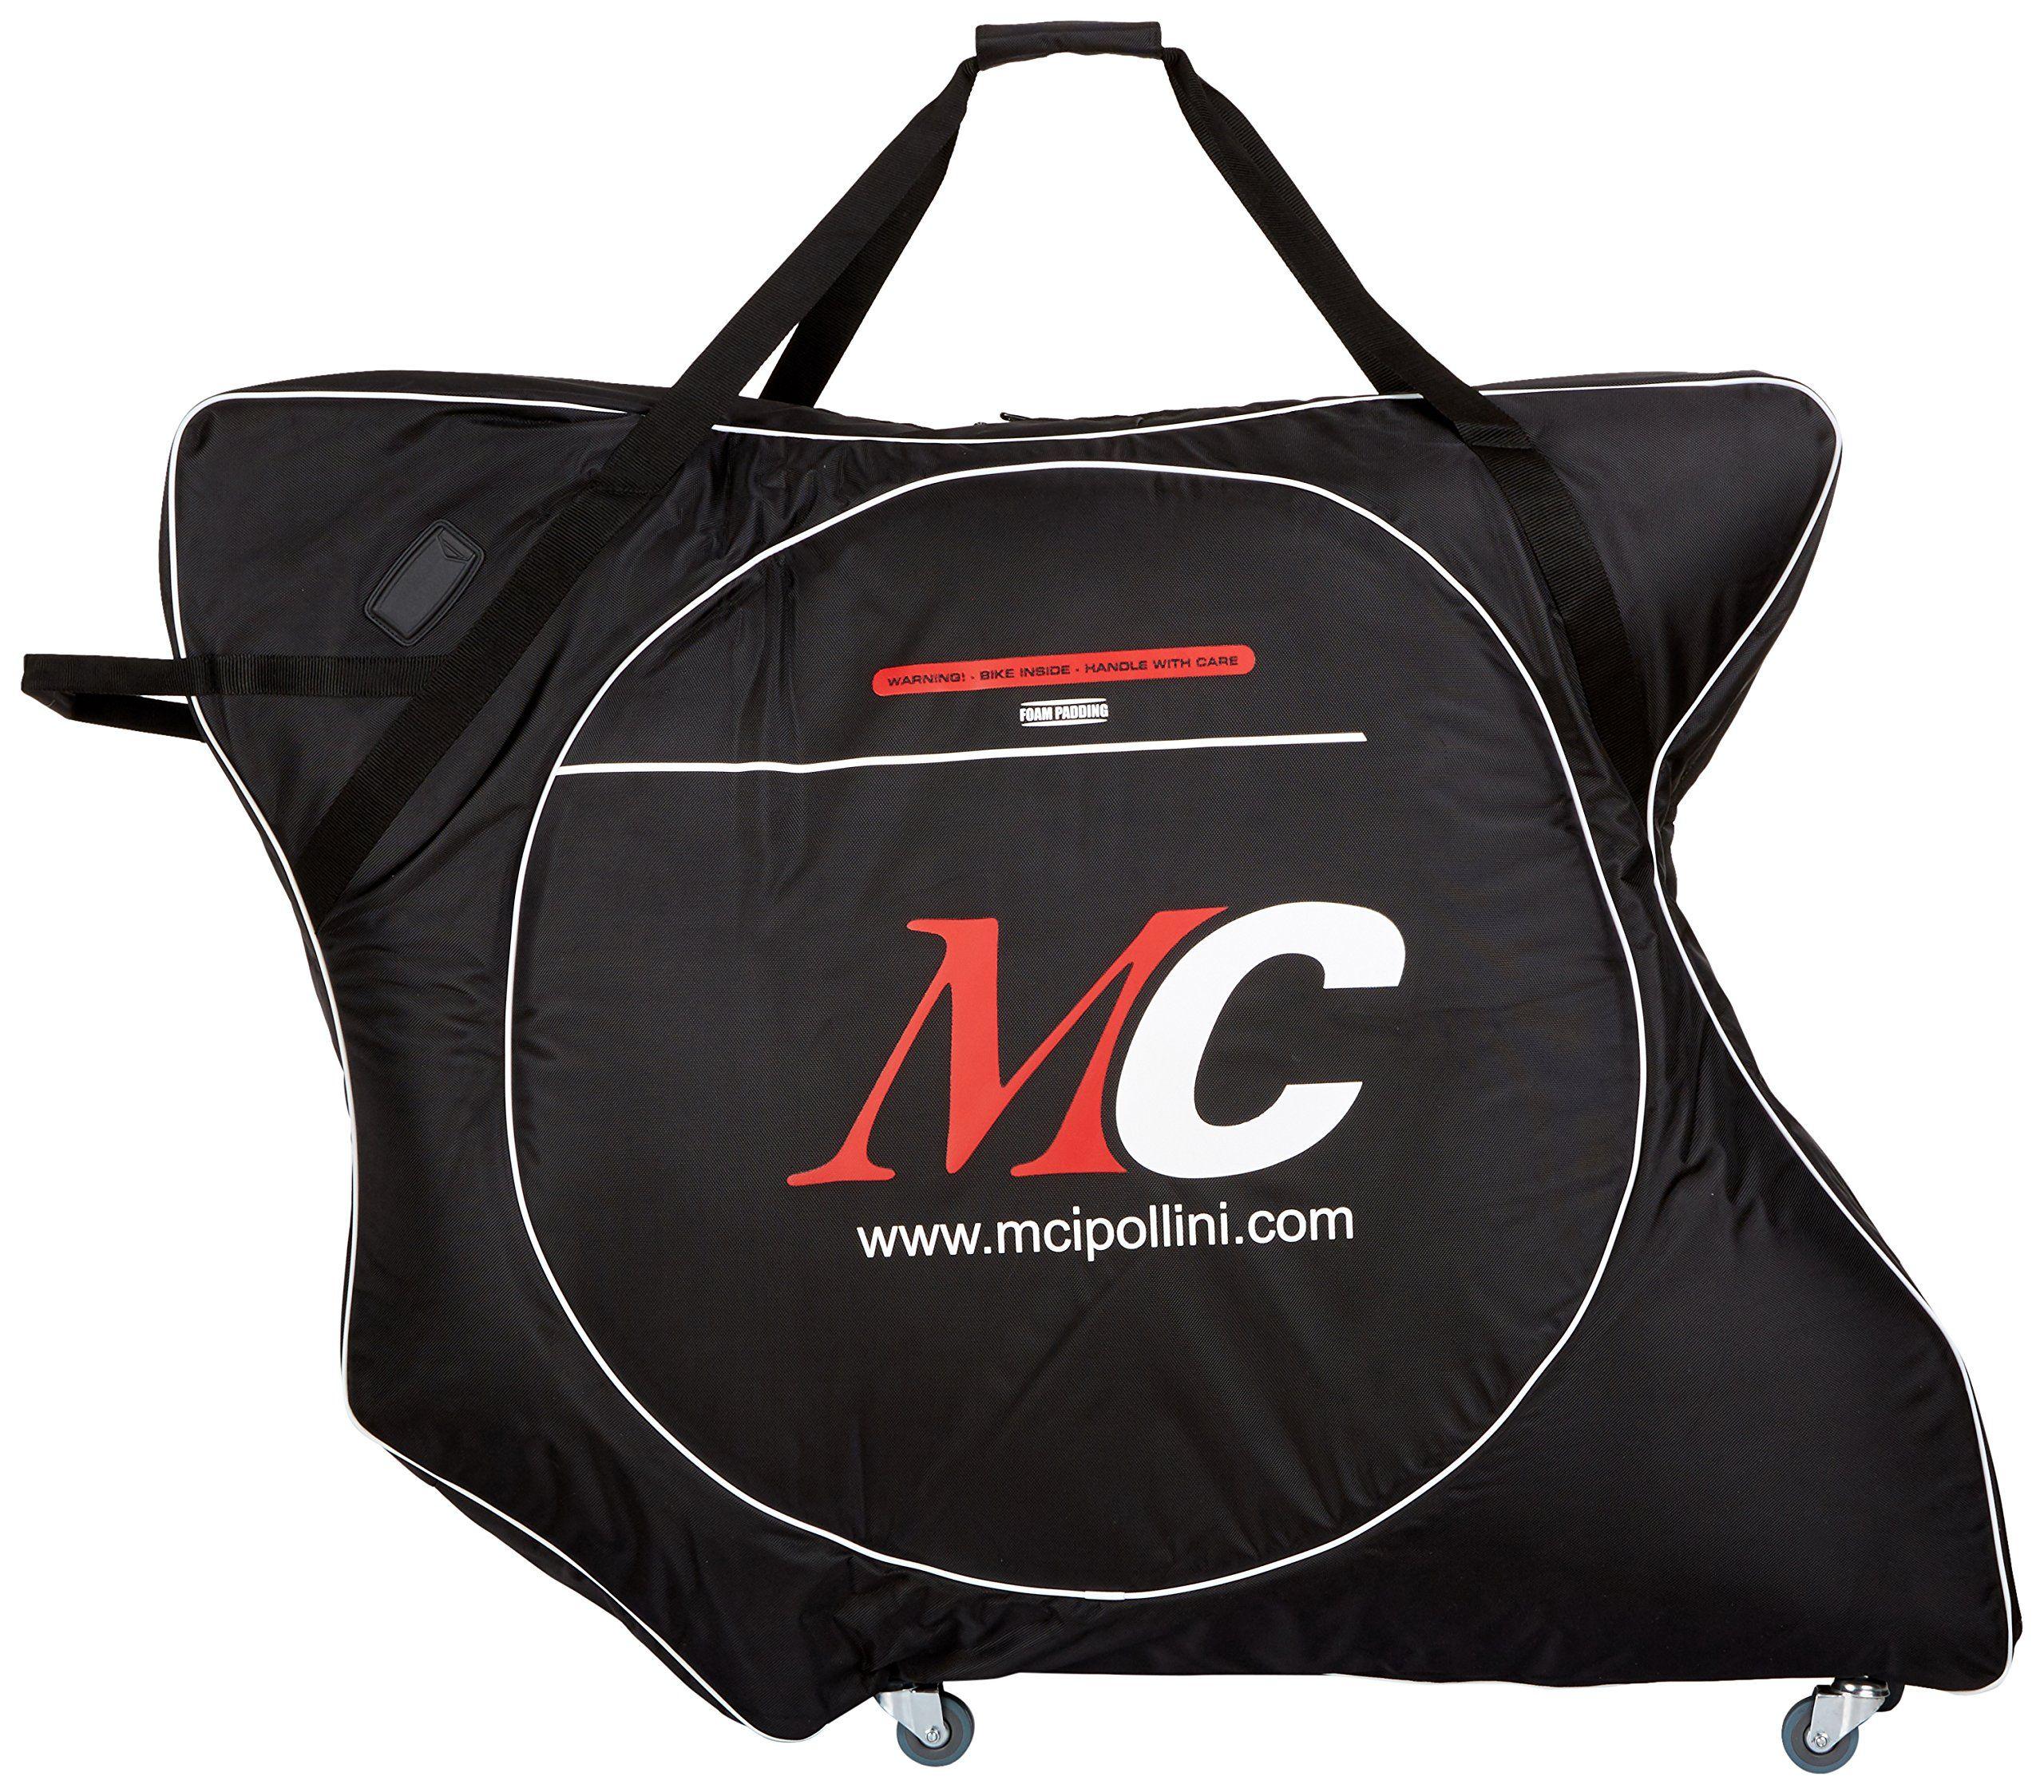 Cipollini Mc Bike Bag Bike Bag Bags Bike Trips